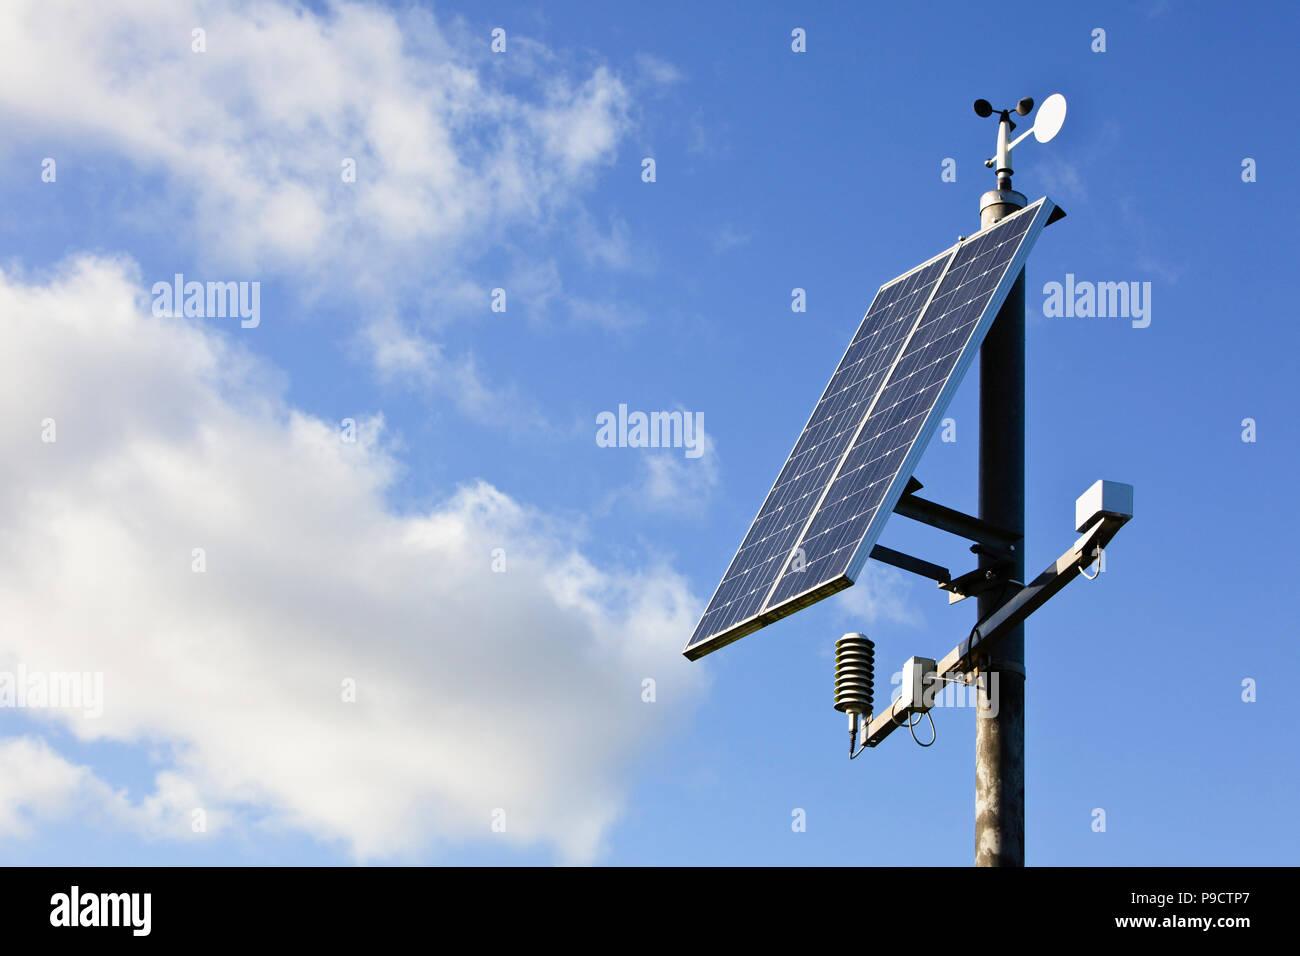 Clima solar y estación de monitoreo de contaminación del aire, Inglaterra Imagen De Stock